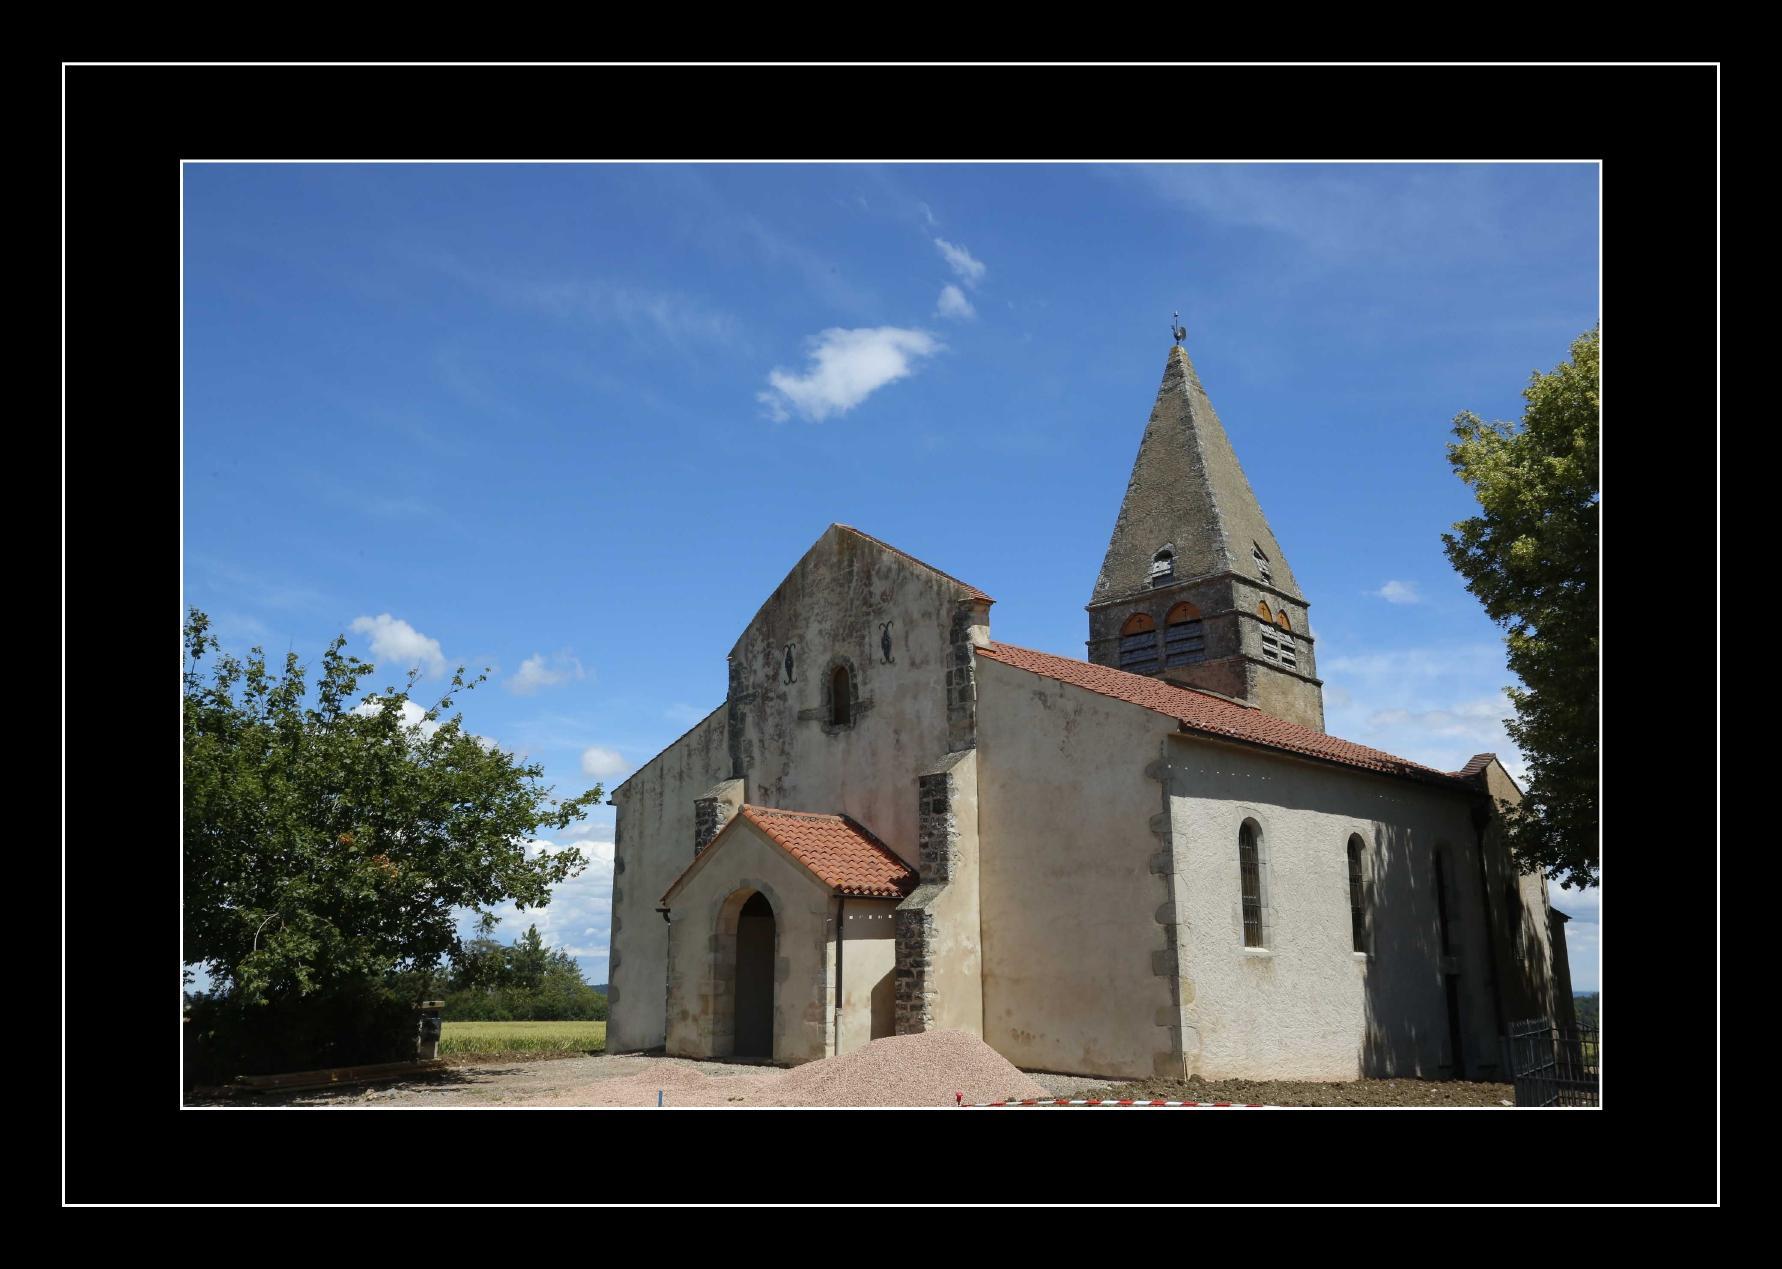 Eglises peintes begue page 002 db